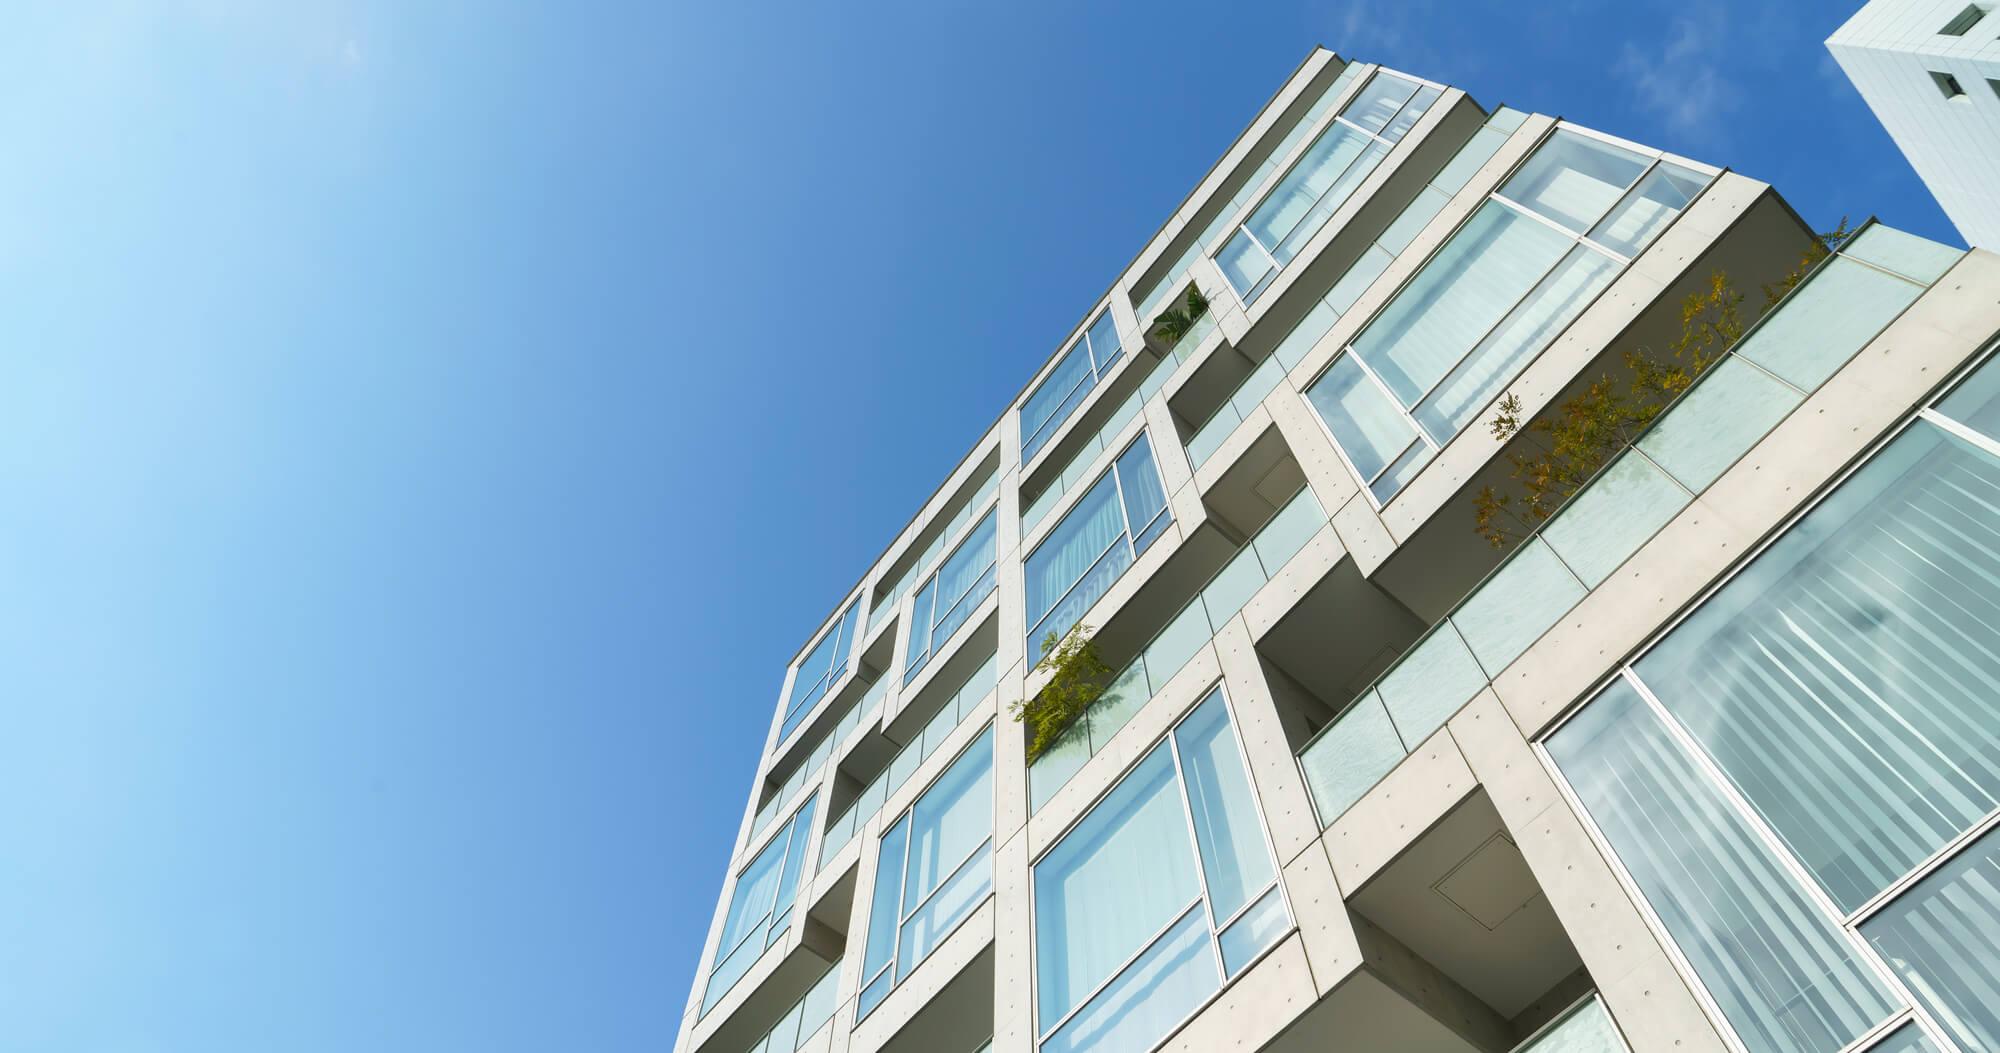 マンション投資の失敗例から見えてくる初心者の資産運用の注意点